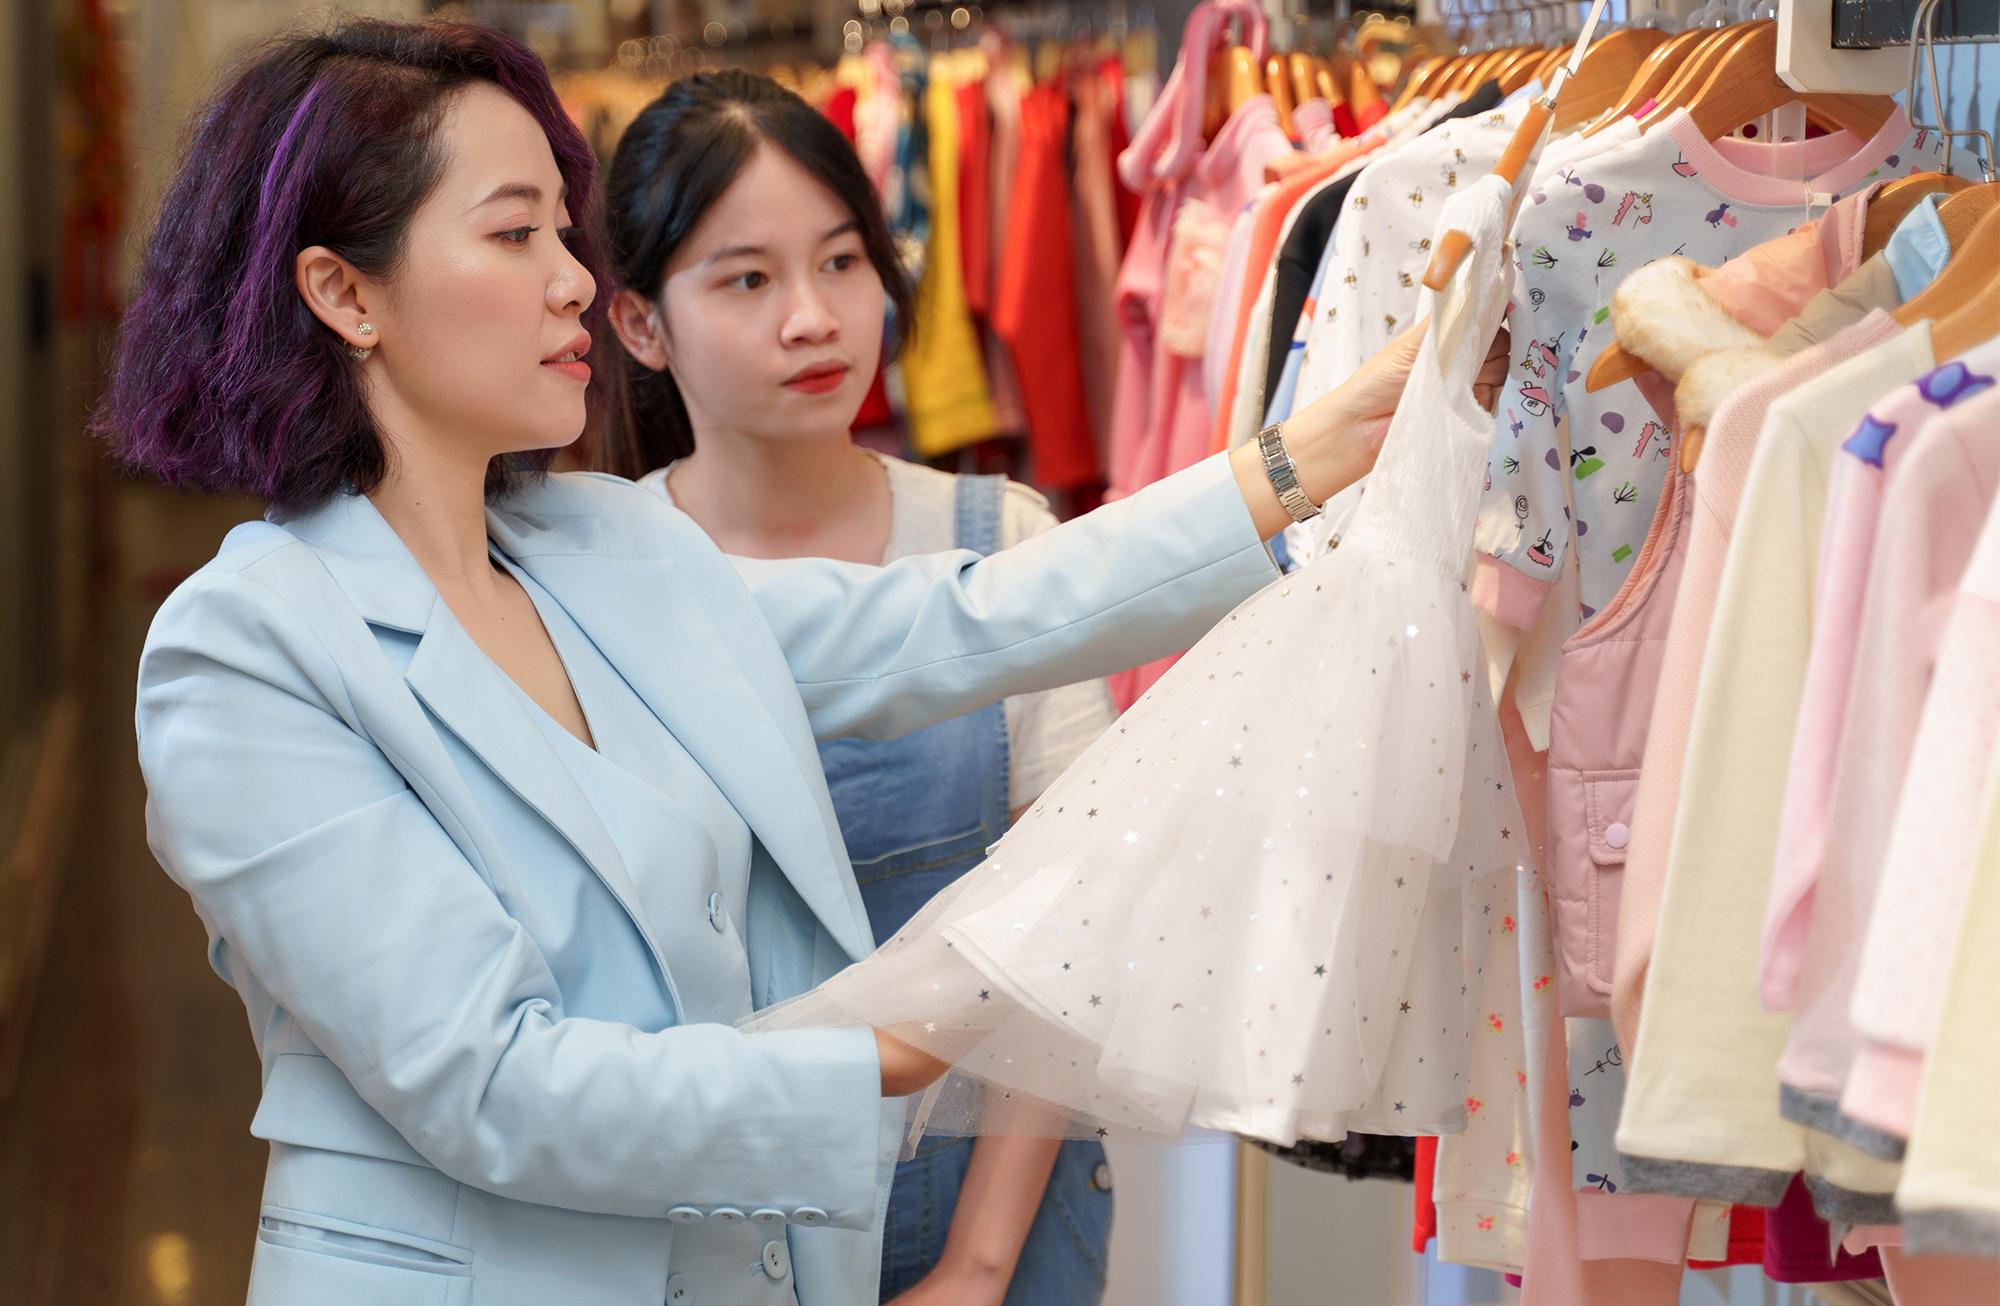 Ks Closet: Giấc mơ xây dựng thương hiệu thời trang trẻ em hàng đầu Việt Nam - 18